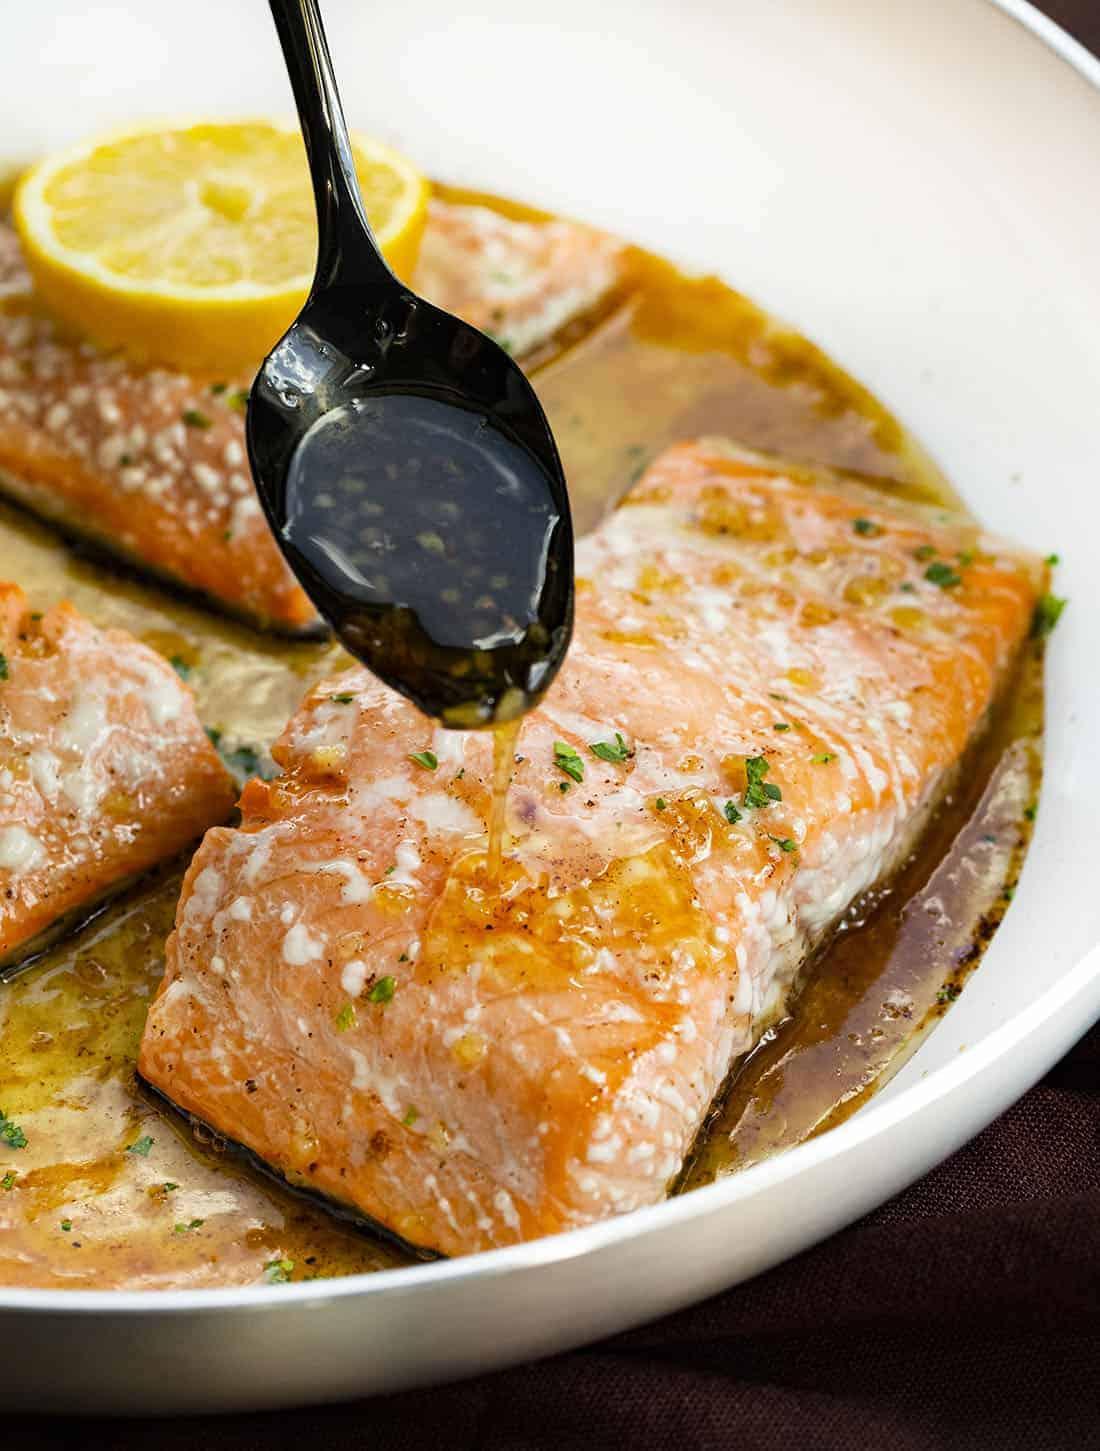 Brown Butter Honey Glazed Salmon in Skillet